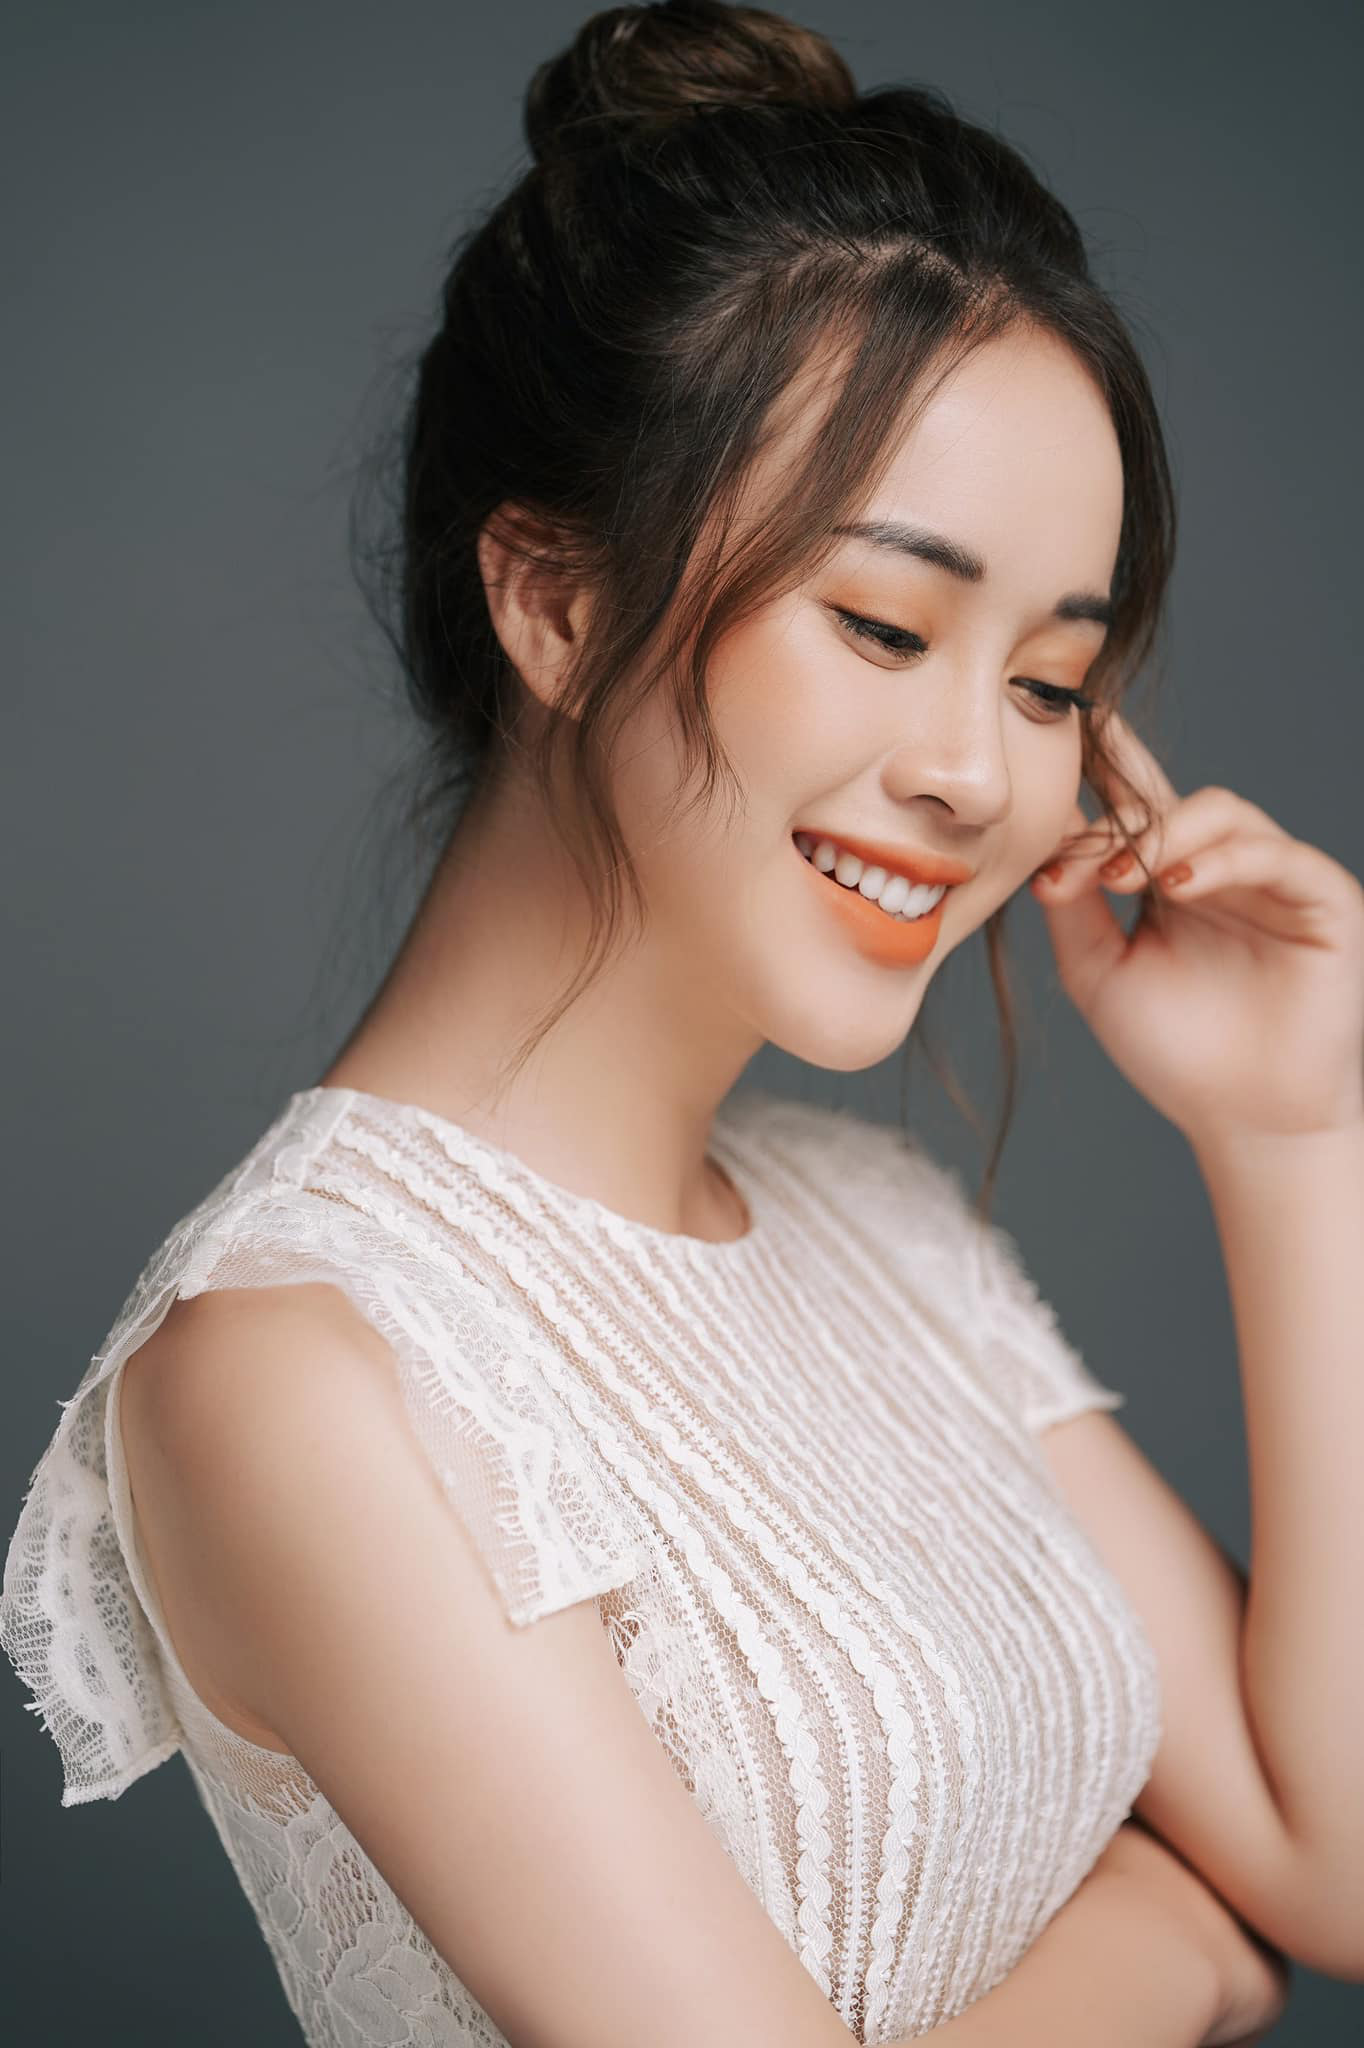 Nữ MC VTV xinh đẹp tựa nữ thần bỗng nhiên là thí sinh Hoa hậu Việt Nam 2020 vì lý do không ngờ là ai? - Ảnh 8.